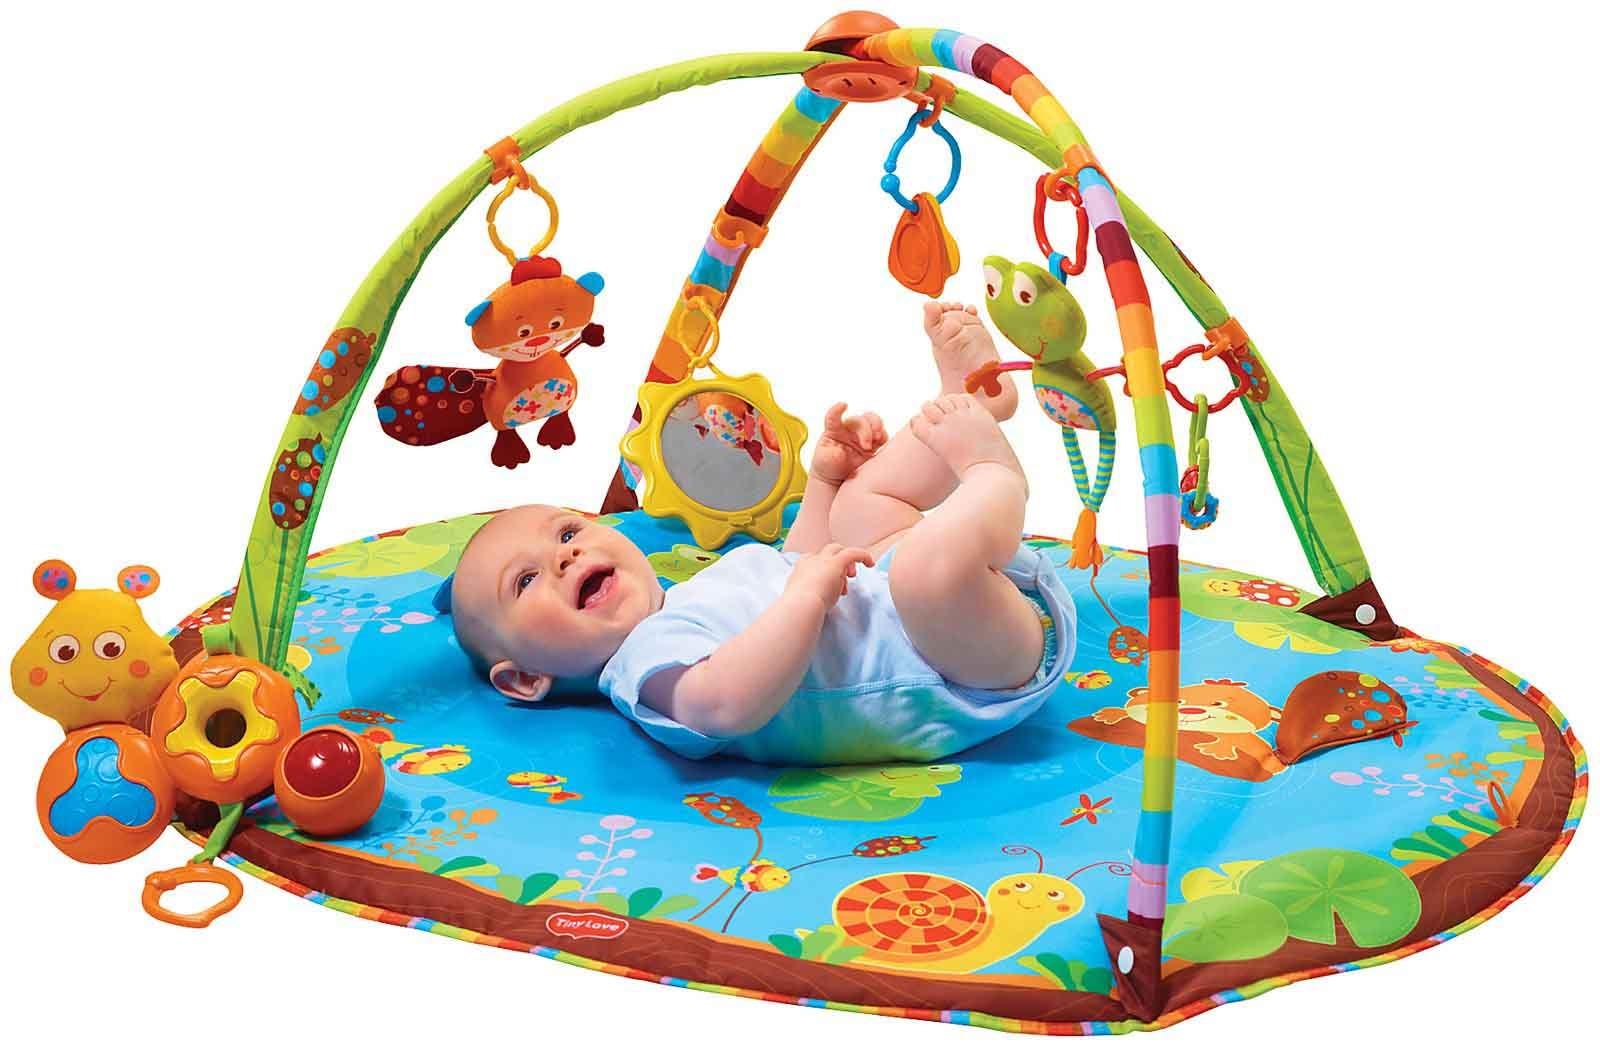 Resultado de imagem para brinquedo bebe 4 meses